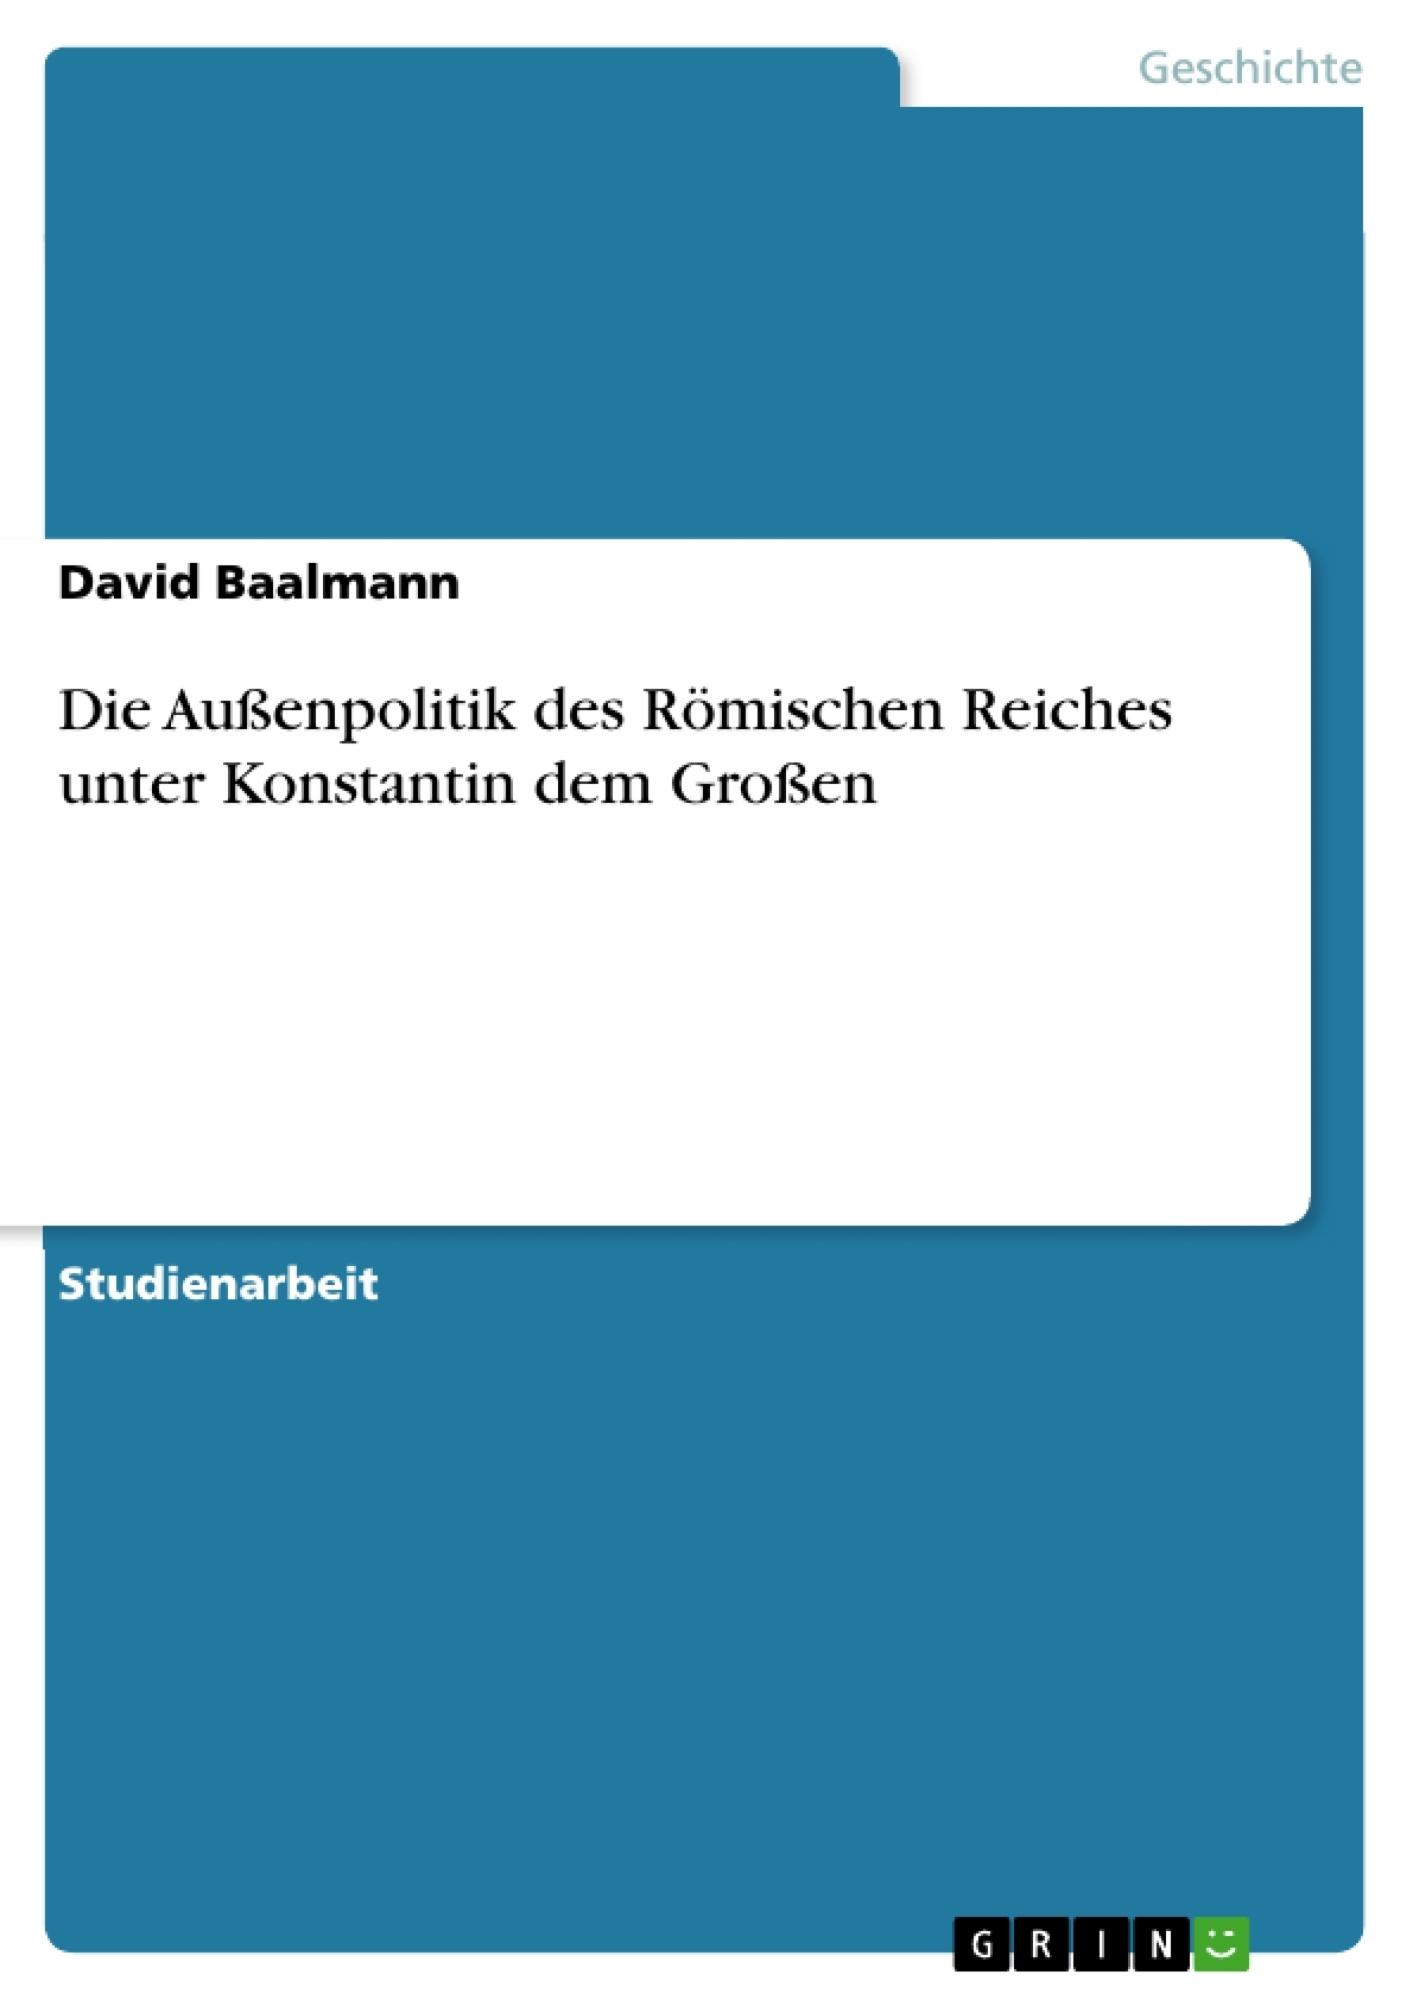 Titel: Die Außenpolitik des Römischen Reiches unter Konstantin dem Großen